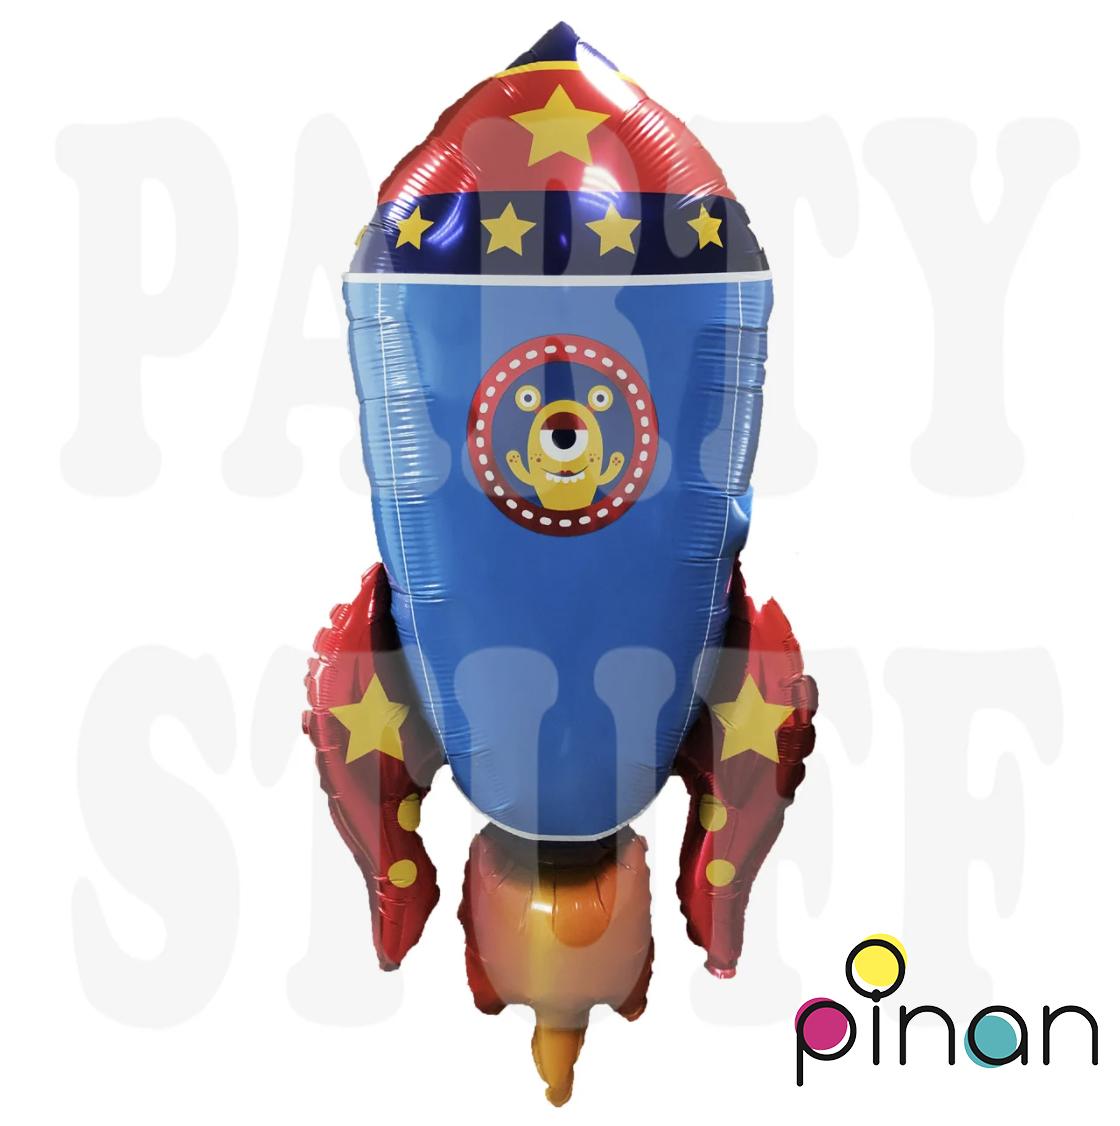 Фольгированный шар 35' Pinan Космос Ракета синяя, 88 см